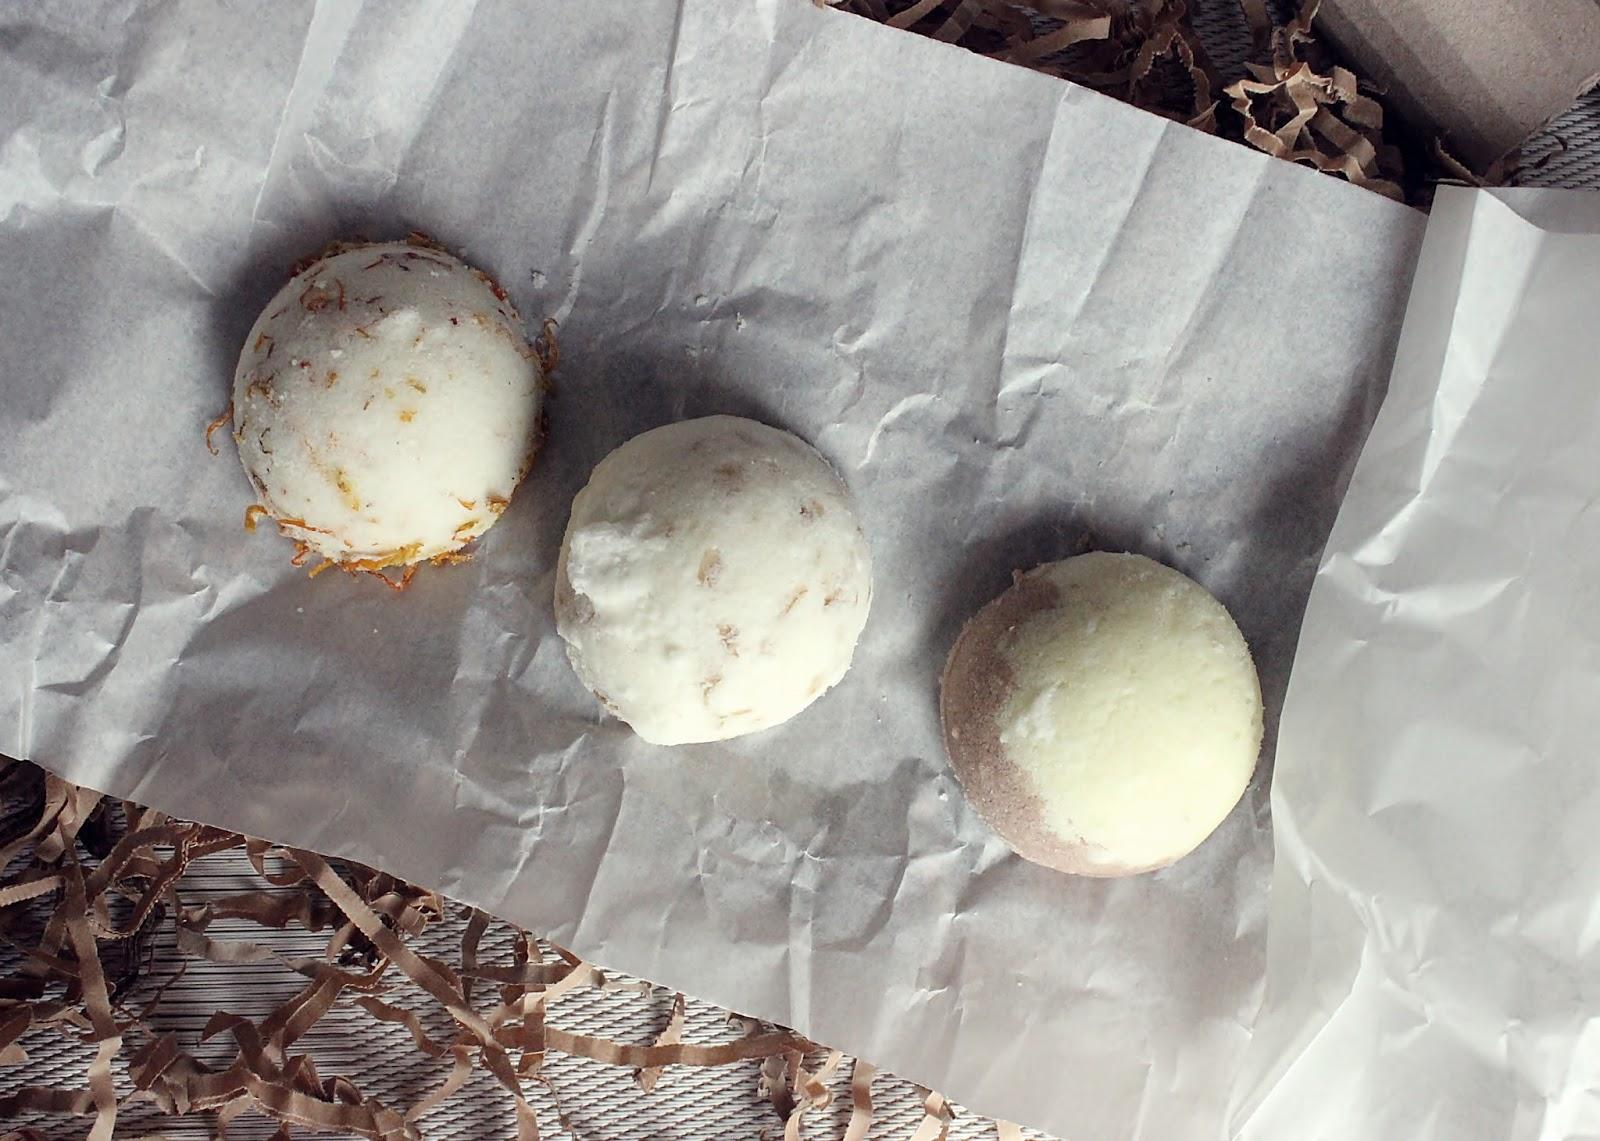 Musujące kule do kąpieli - Czekolada, Nagietek, Mleko Miód Owies - Ministerstwo Dobrego Mydła